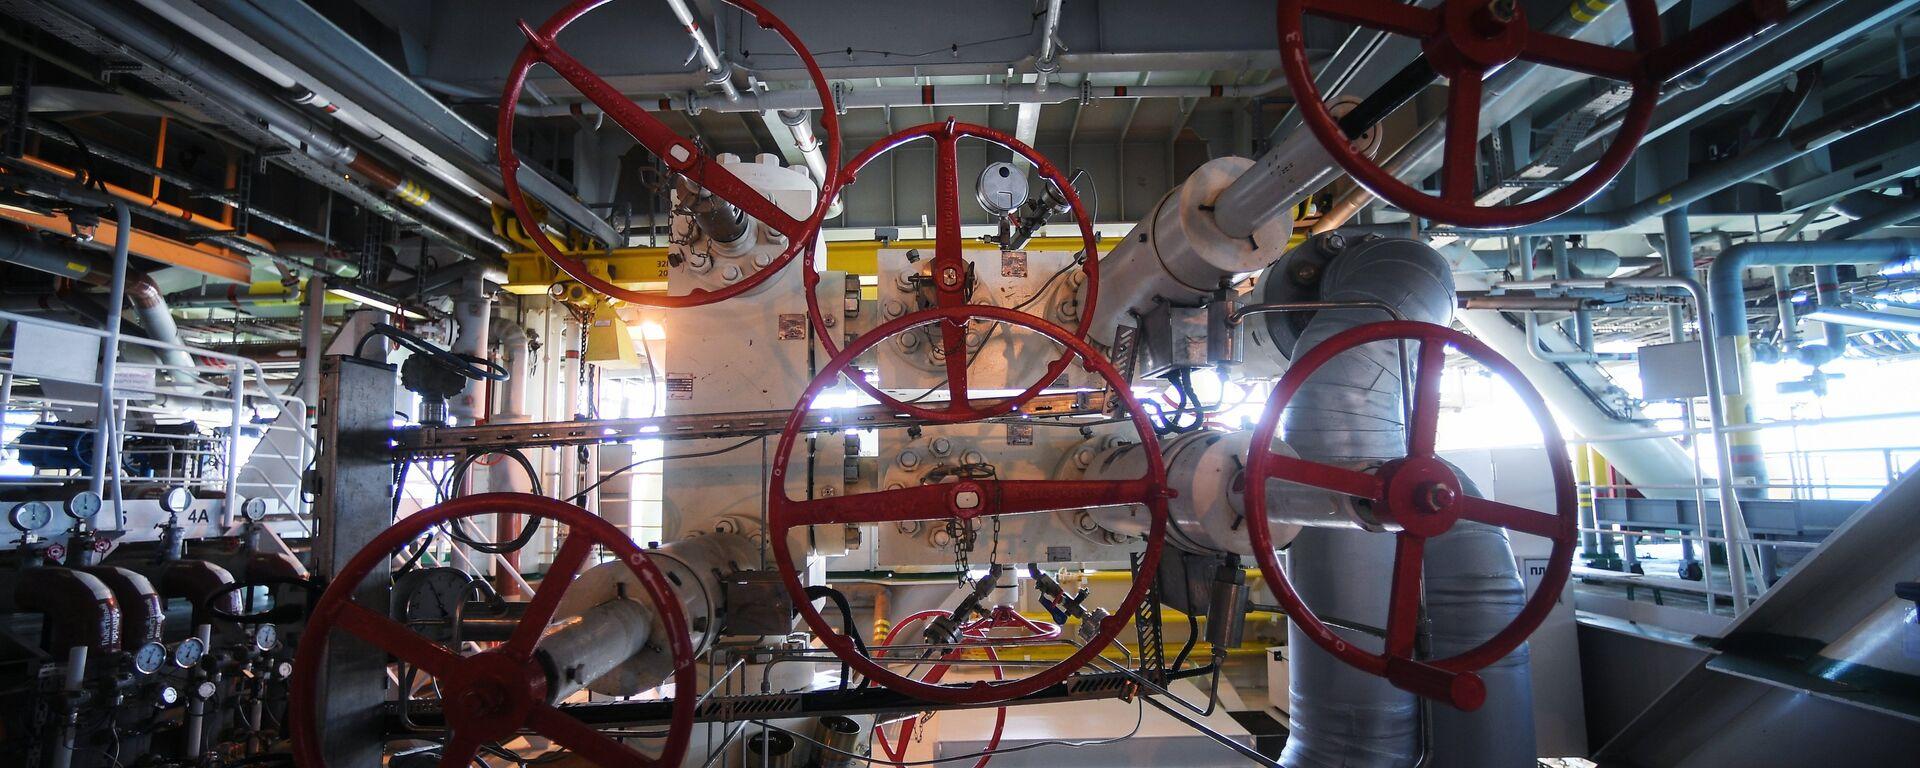 La maquinaria de una plataforma rusa instalada en un yacimiento de petróleo y gas - Sputnik Mundo, 1920, 20.05.2021